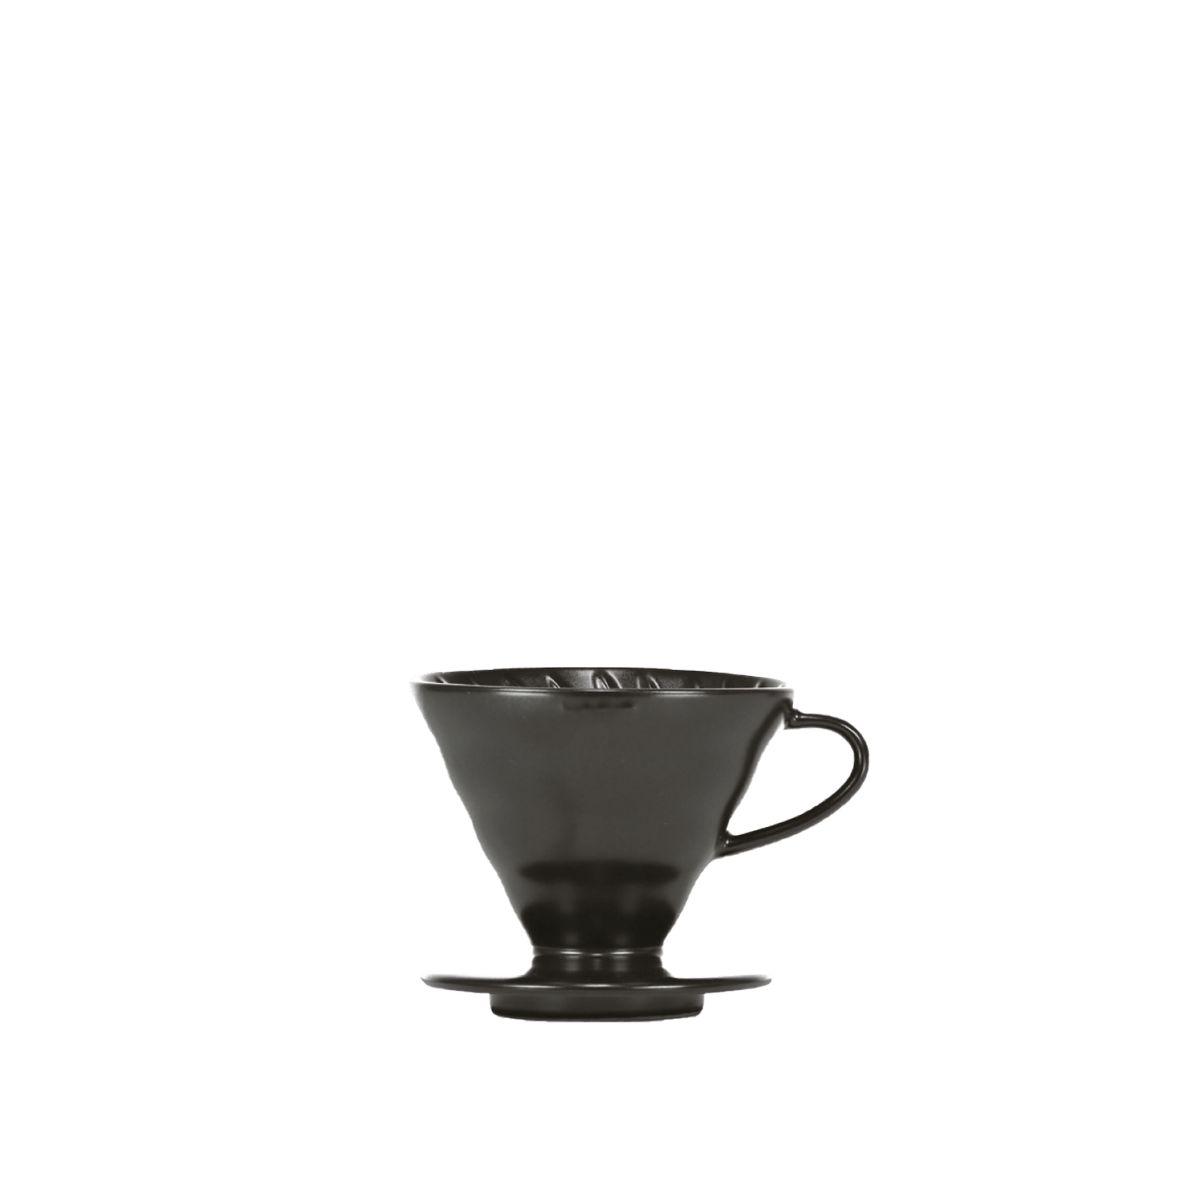 V60 dripper Hario porcelaine [3/4 tasses] - Noir mat